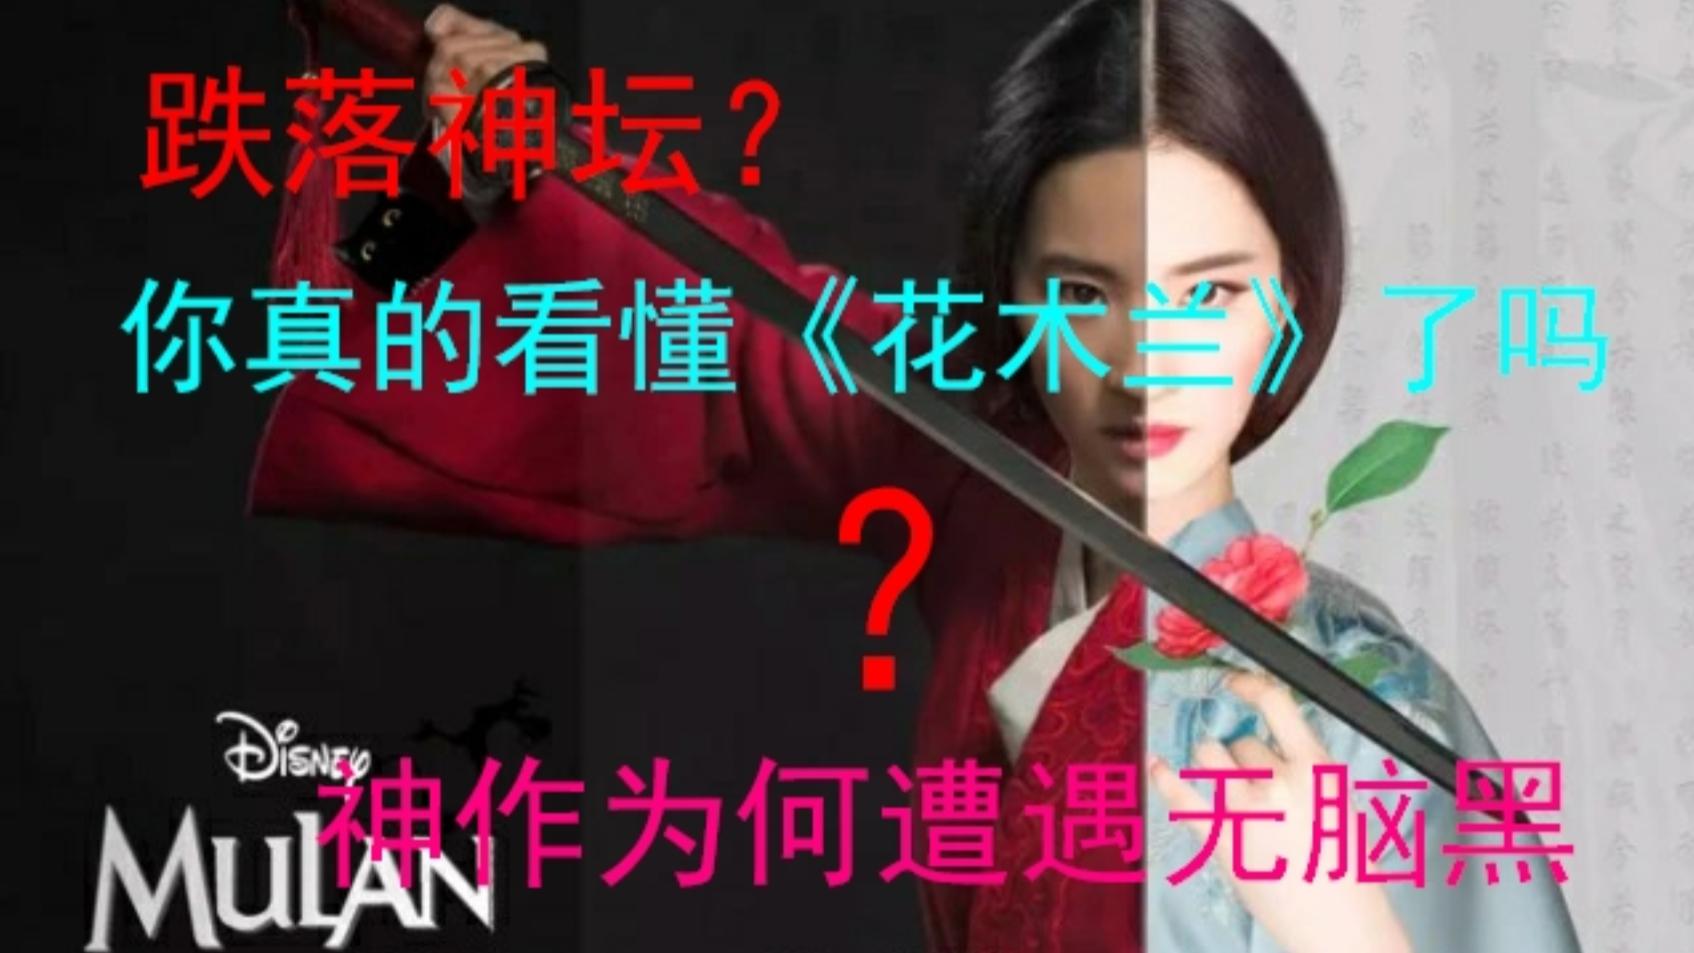 别黑了 你们真的看懂《花木兰》了吗?这可是迪士尼送给中国的礼物